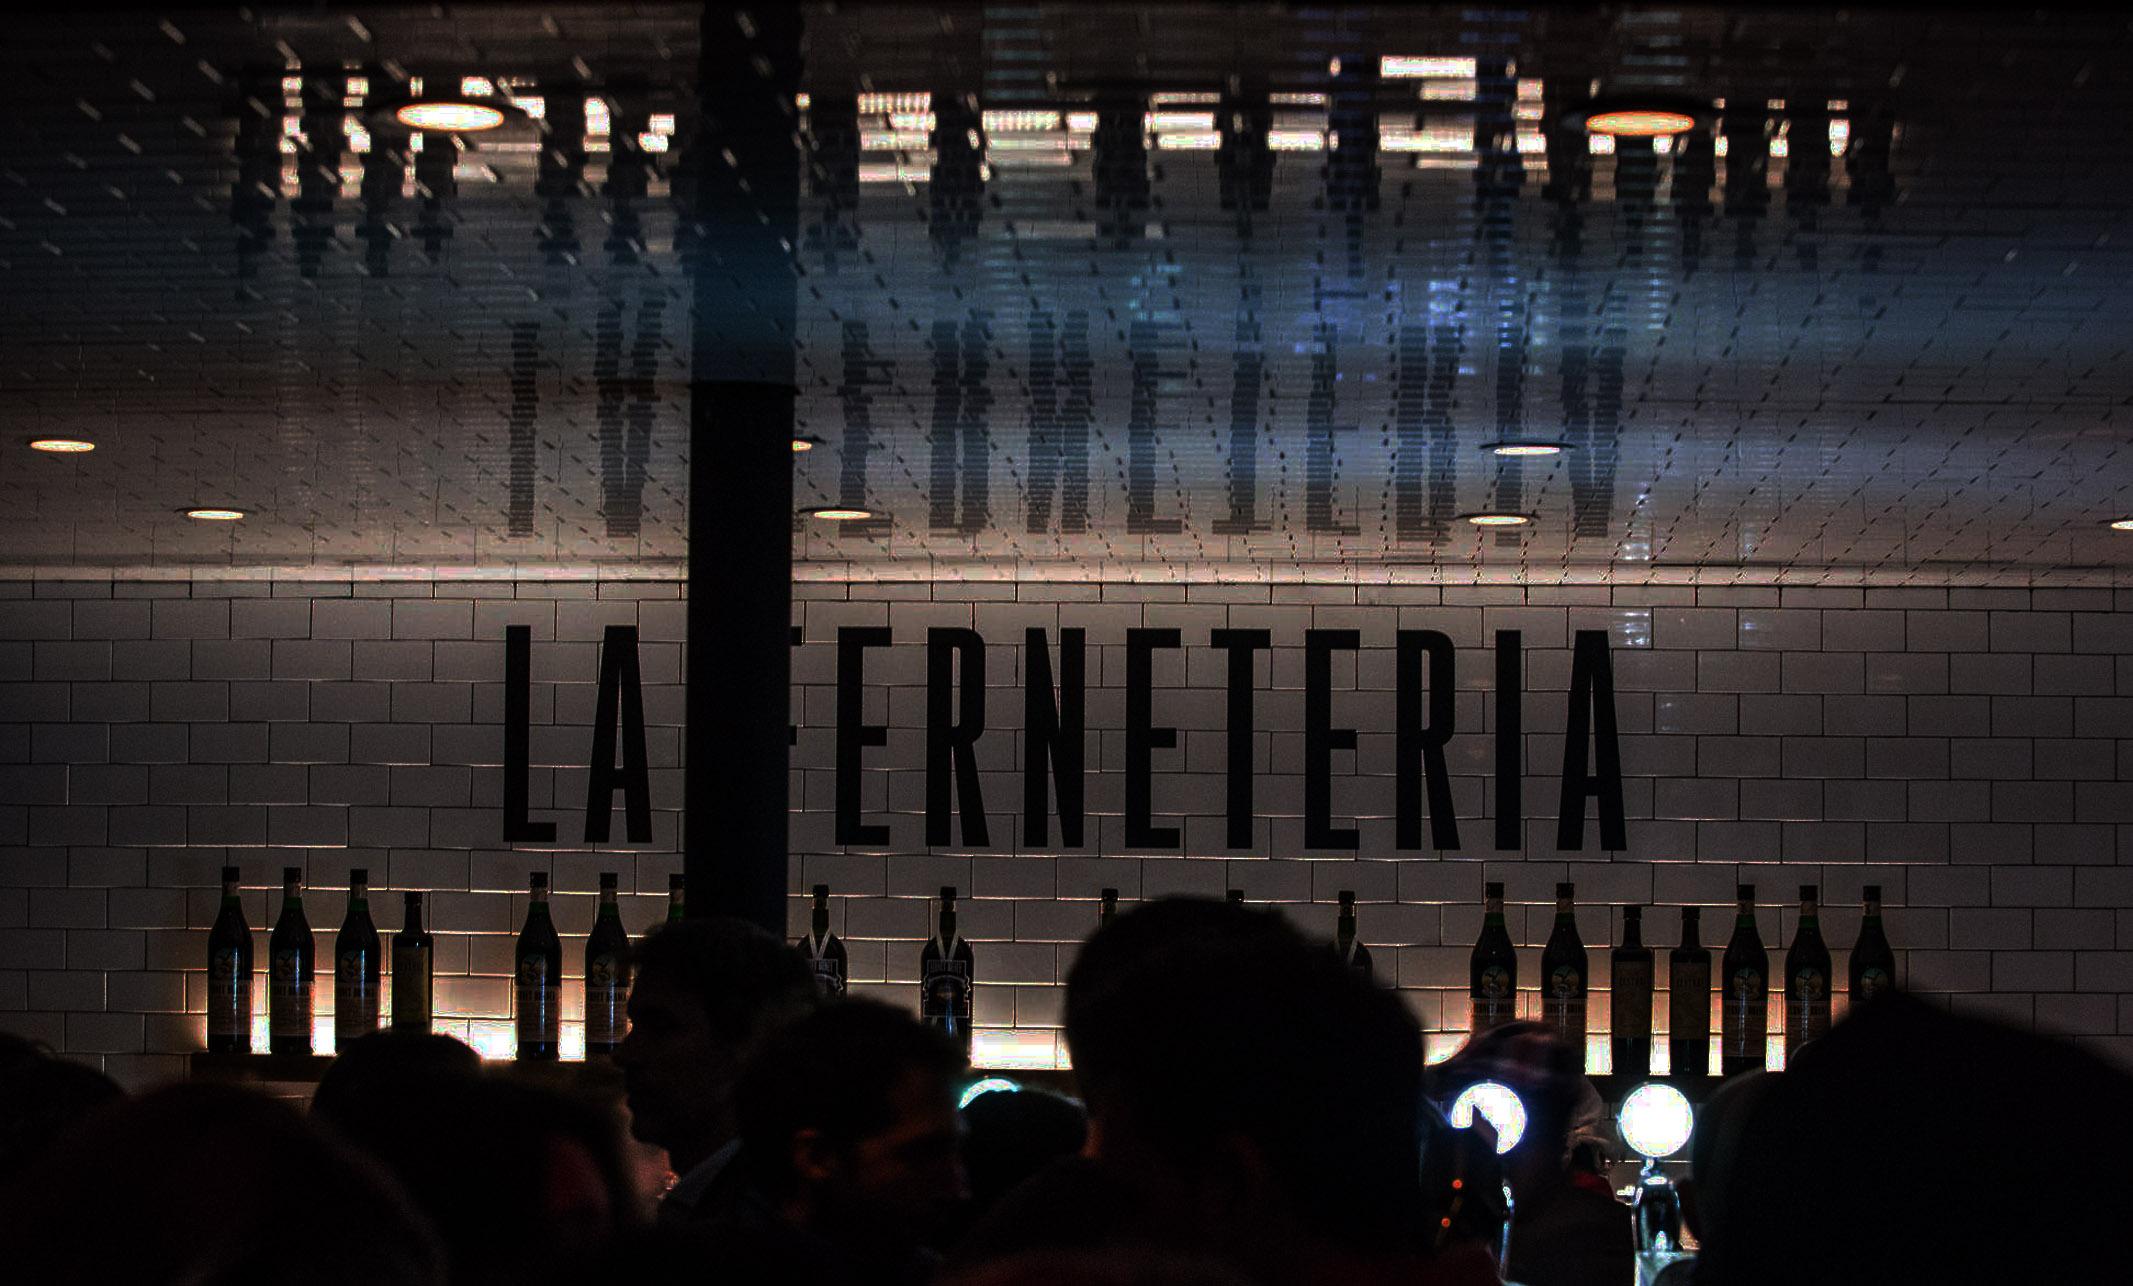 Ferneteria-03.jpg